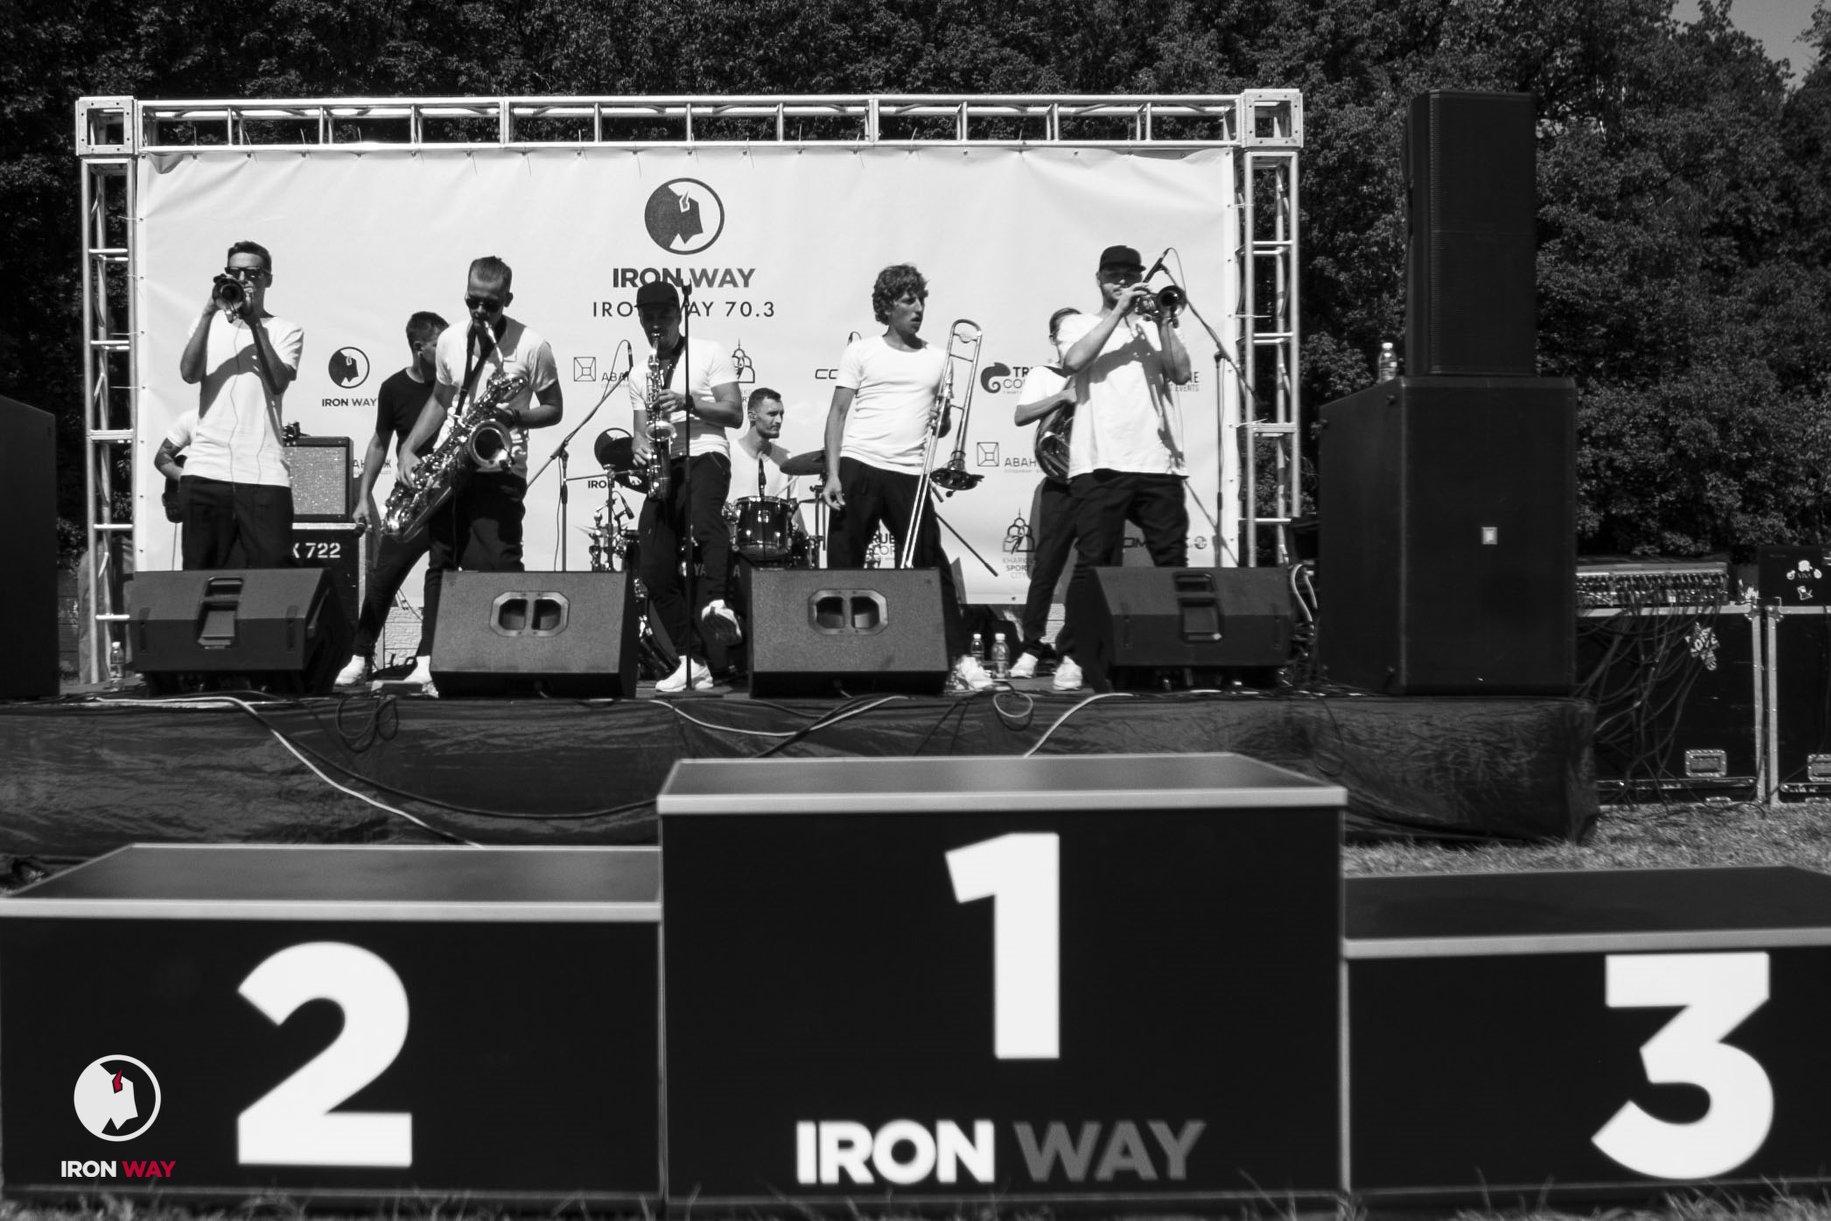 IronWay 70.3